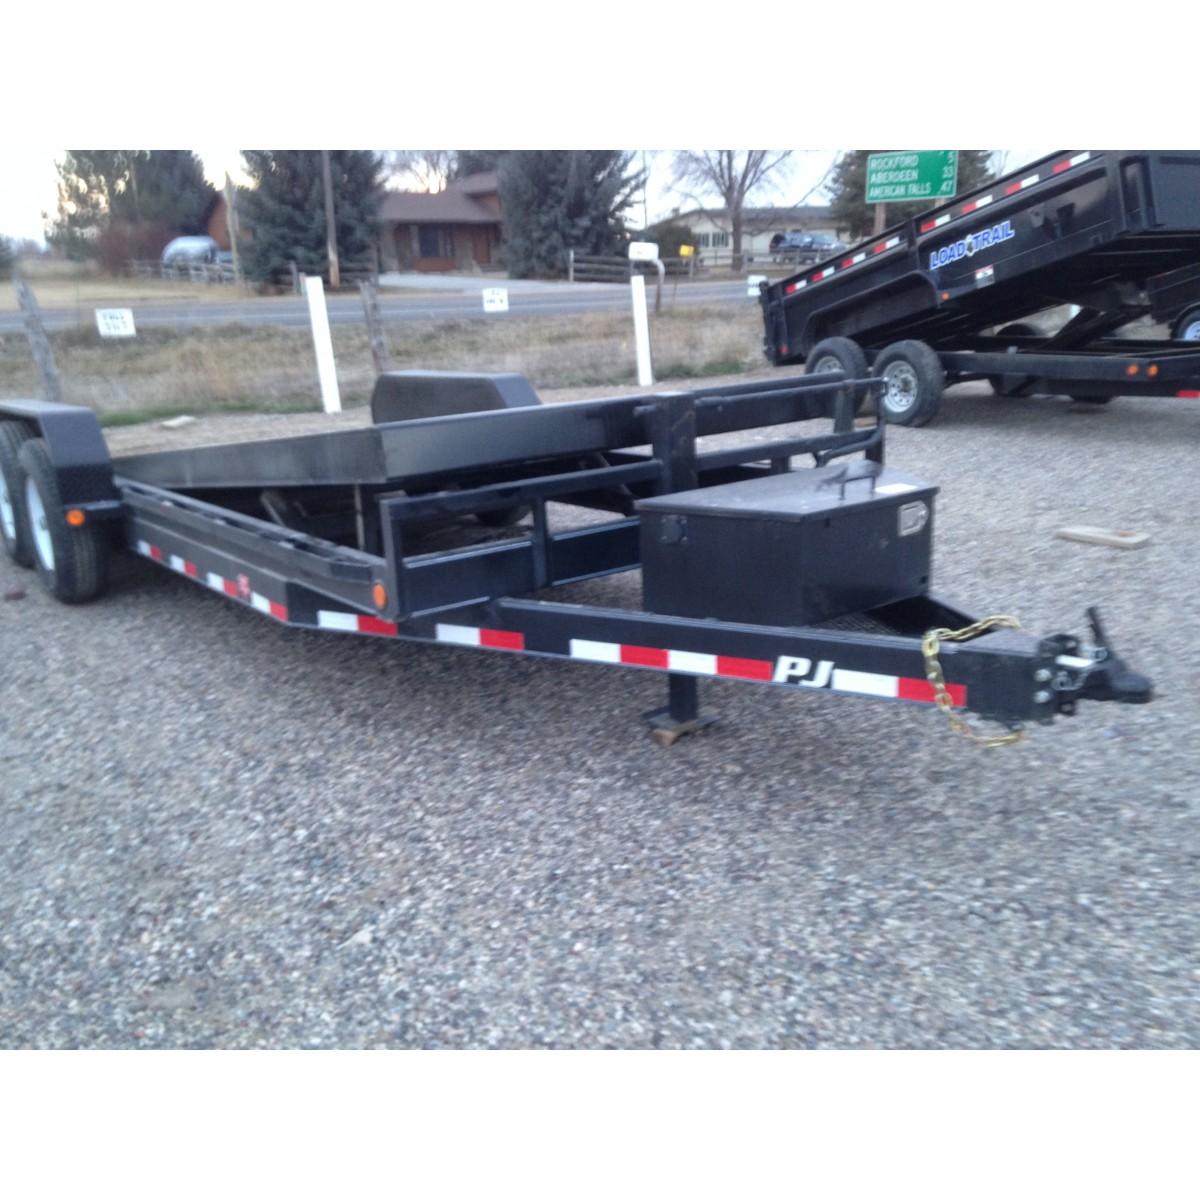 Pj Equipment Tilt Trailer 14000k